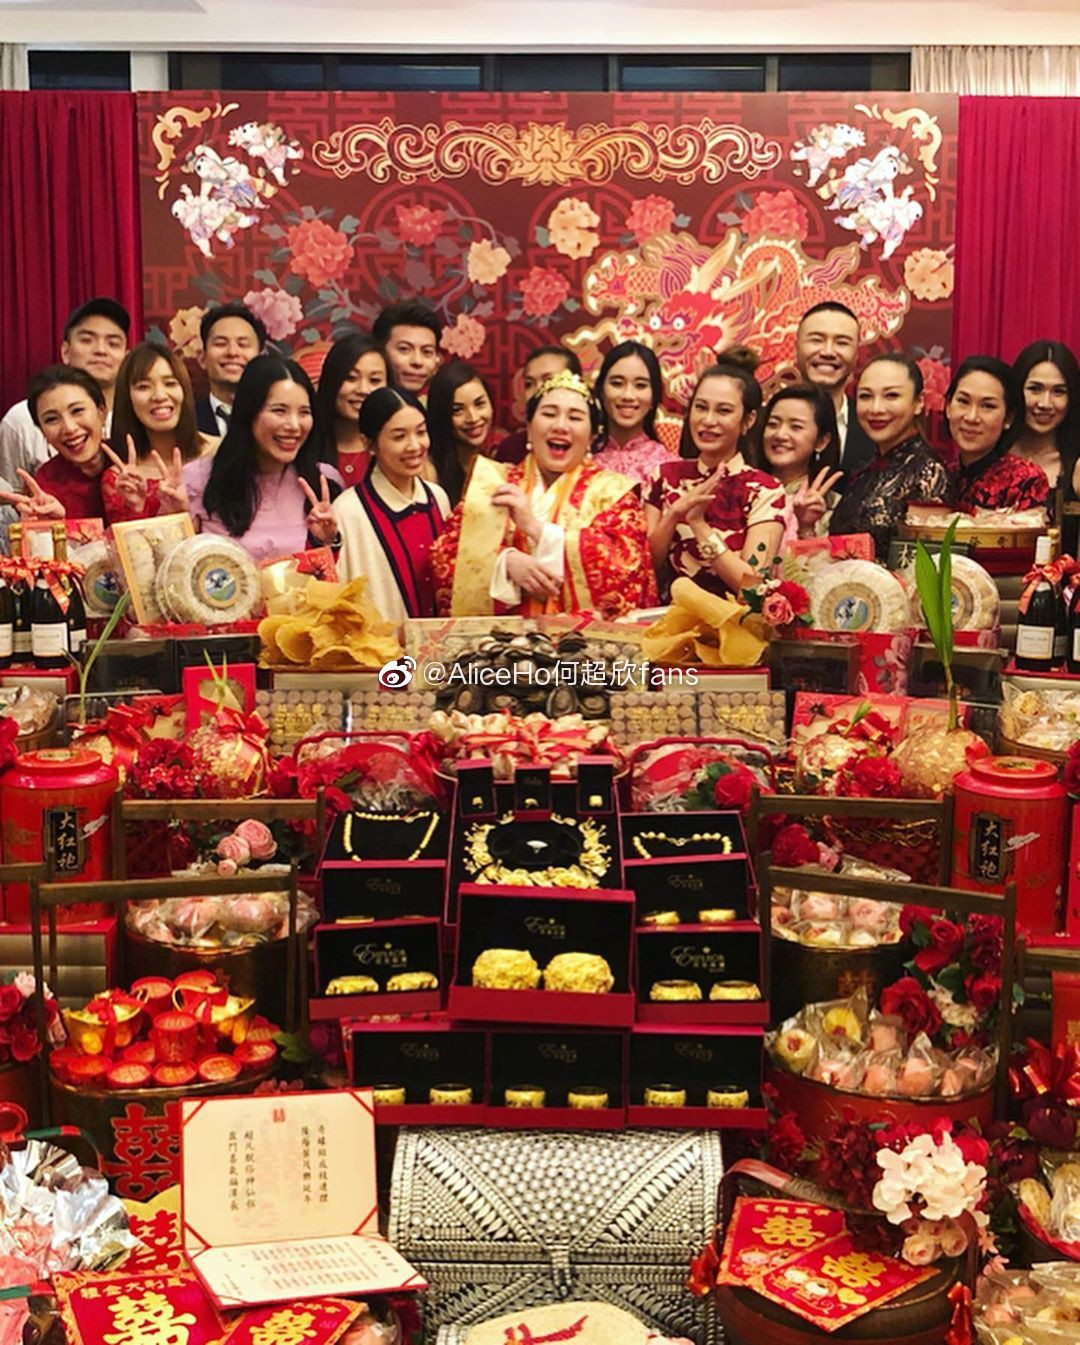 Chuyên nhà siêu giàu: Hoa mắt giá trên trời của hồi môn châu báu, biệt thự siêu sang của ái nữ trùm sòng bạc Macau - Ảnh 3.